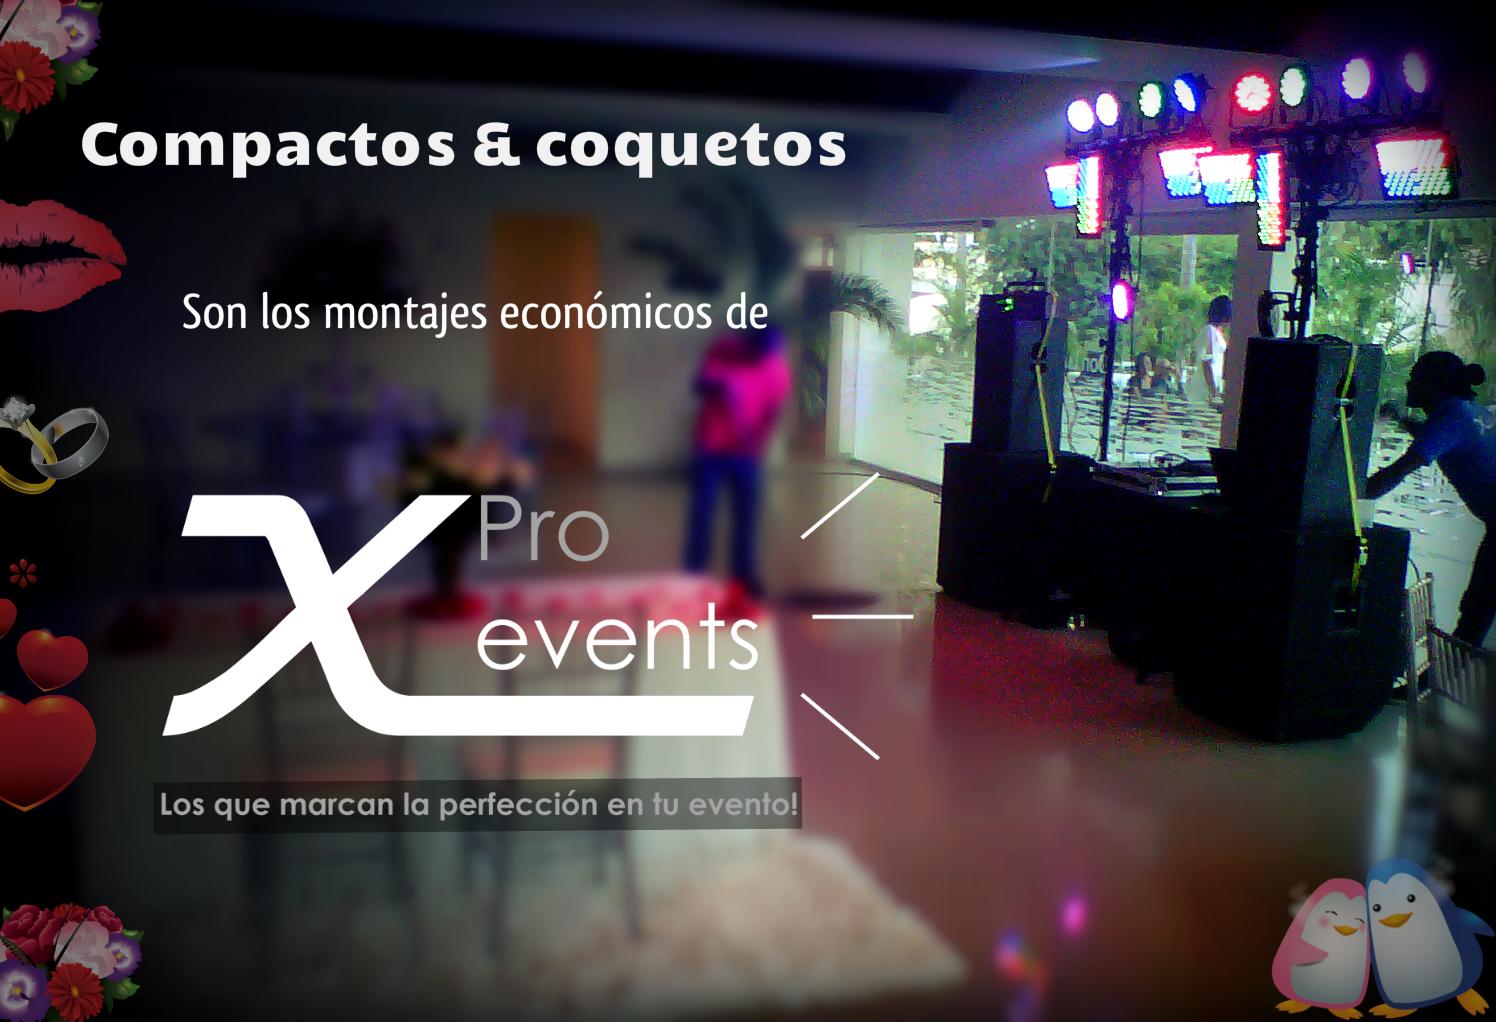 X Pro events  - 809-846-3784 - Paquetes economicos para presupuestos ajustados.j